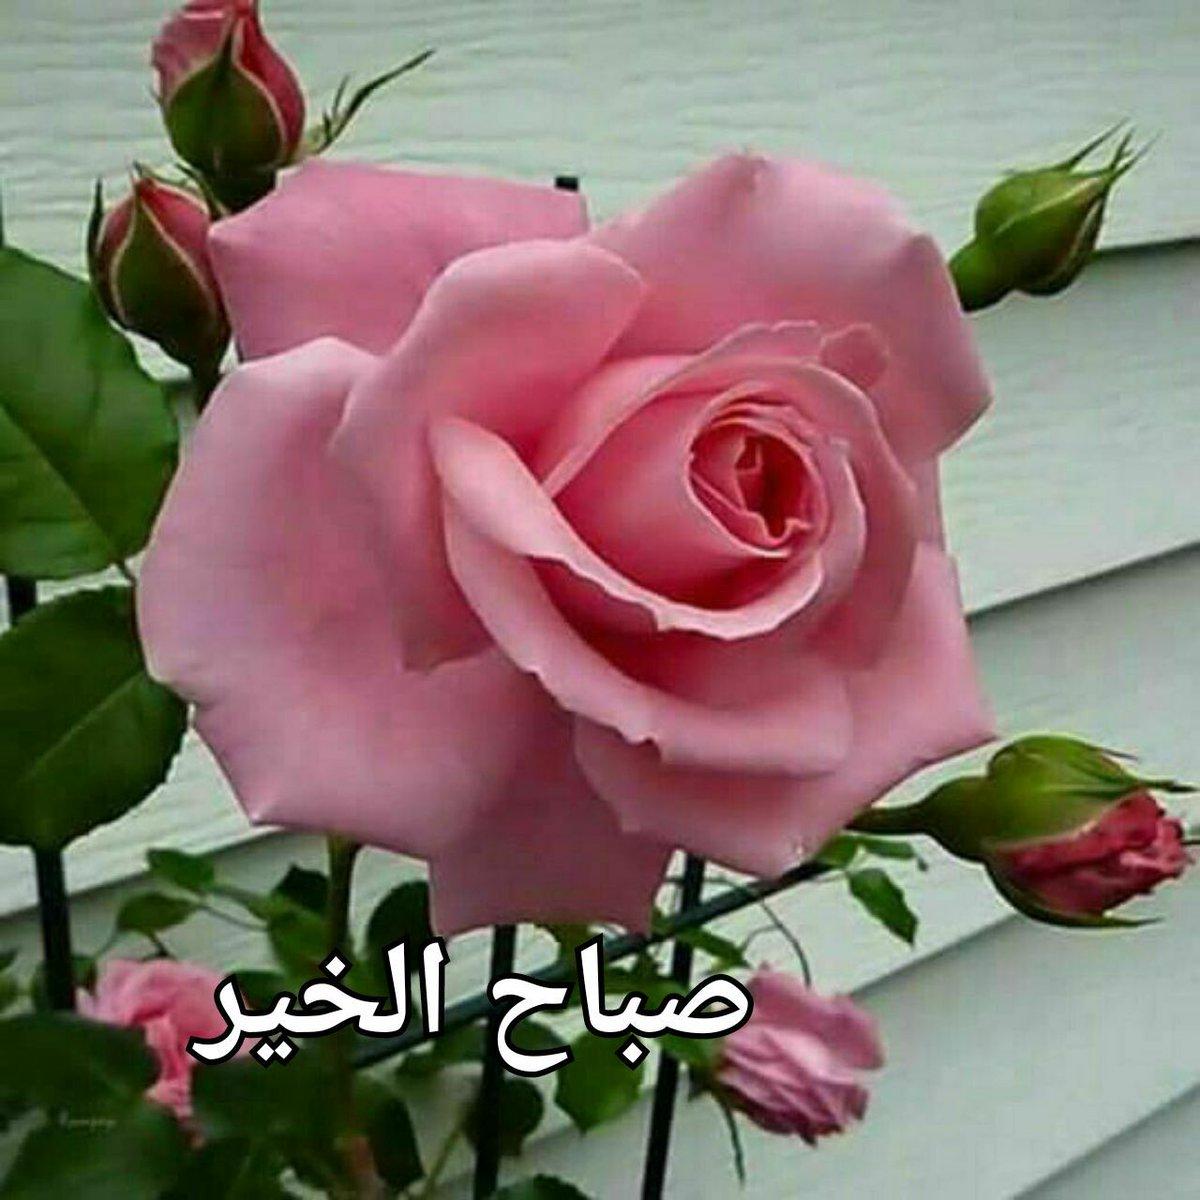 صورة شعر صباح الخير حبيبتي 5661 3